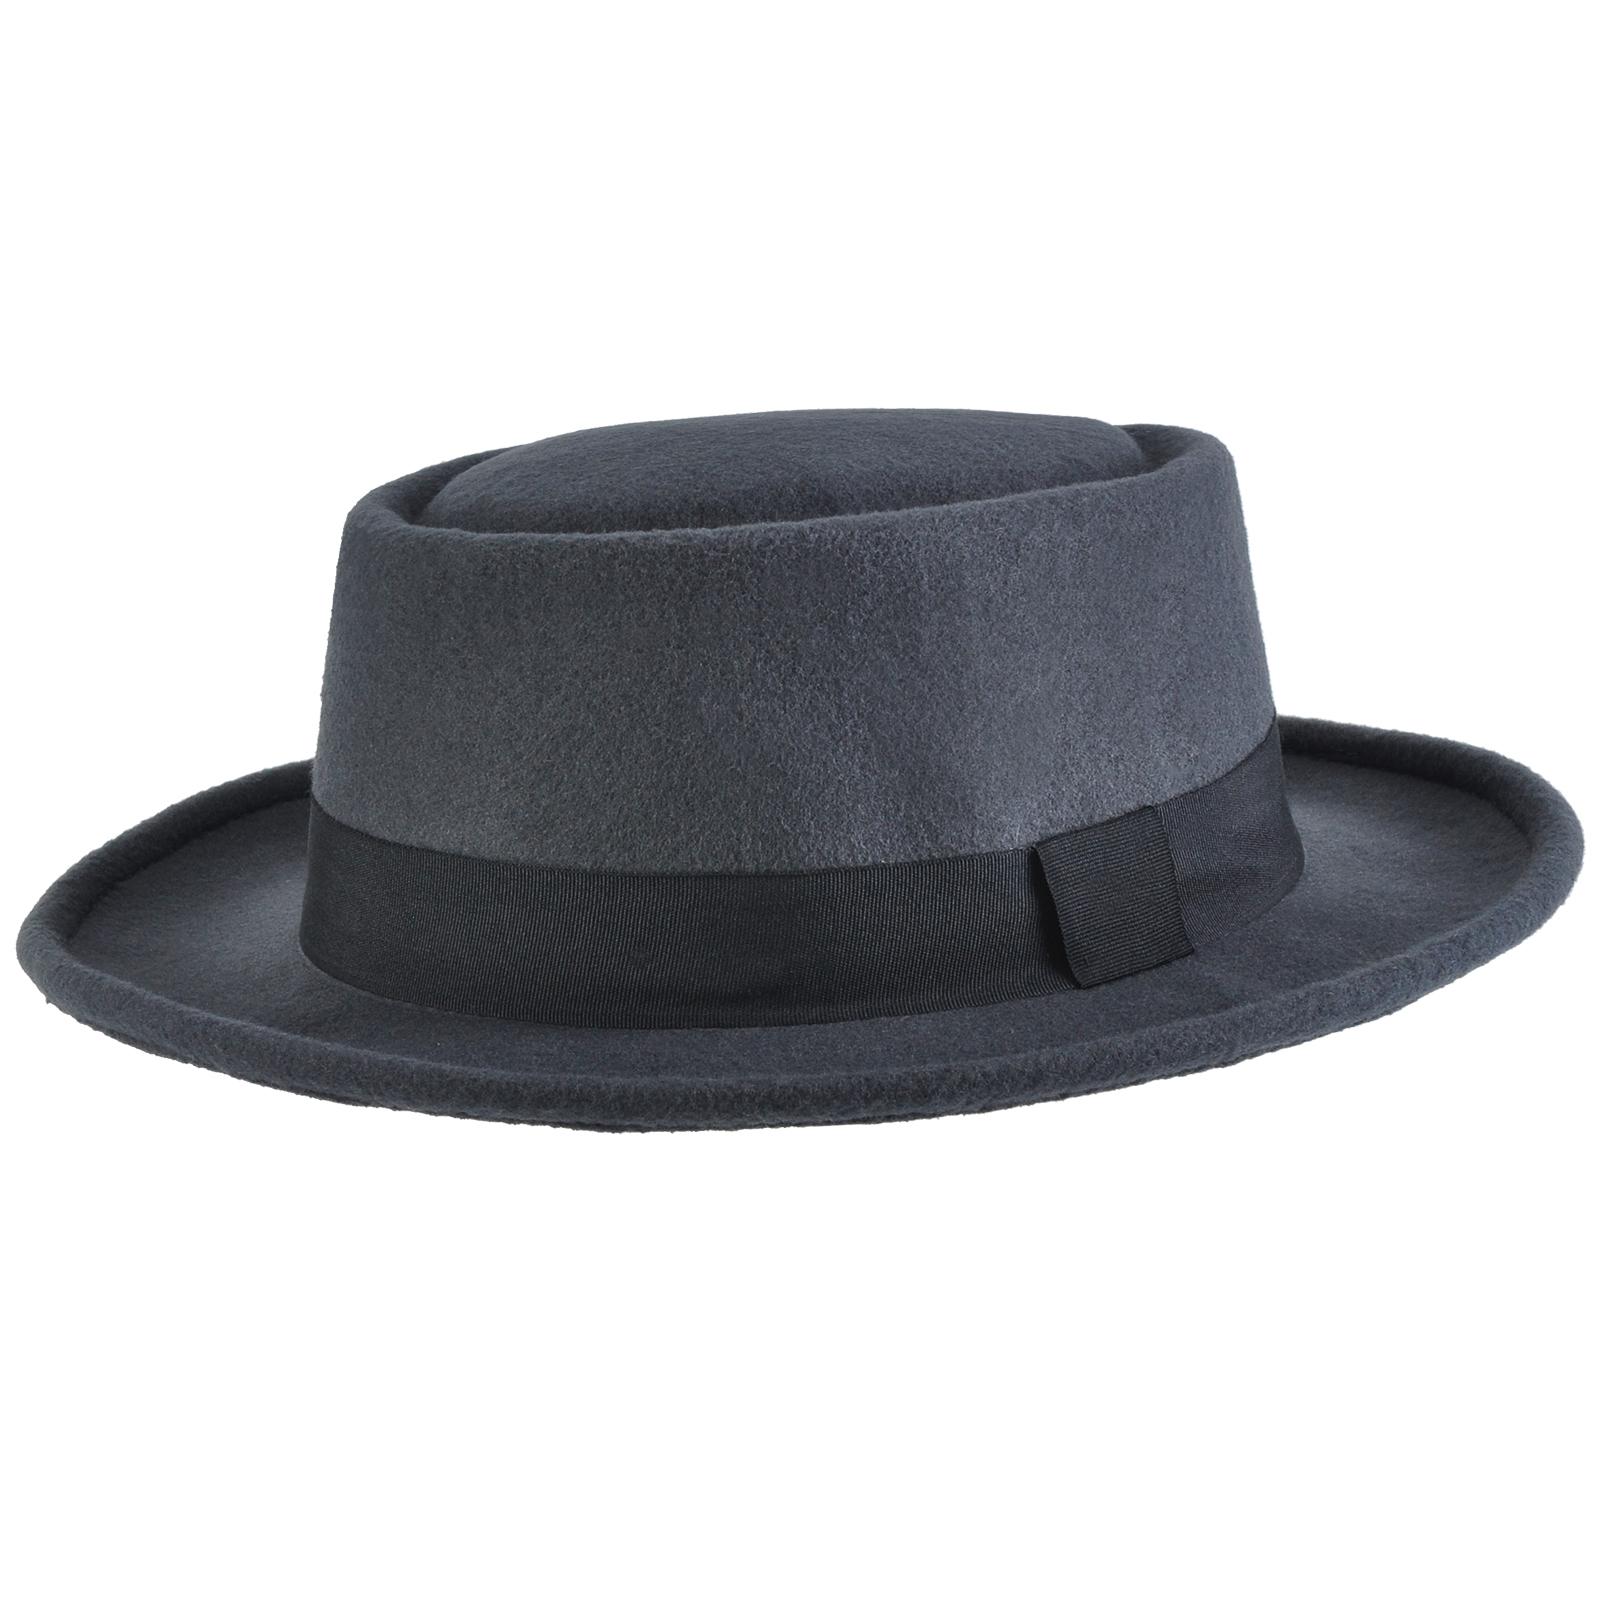 CP-00600-F16-chapeau-porkpie-feutre-gris